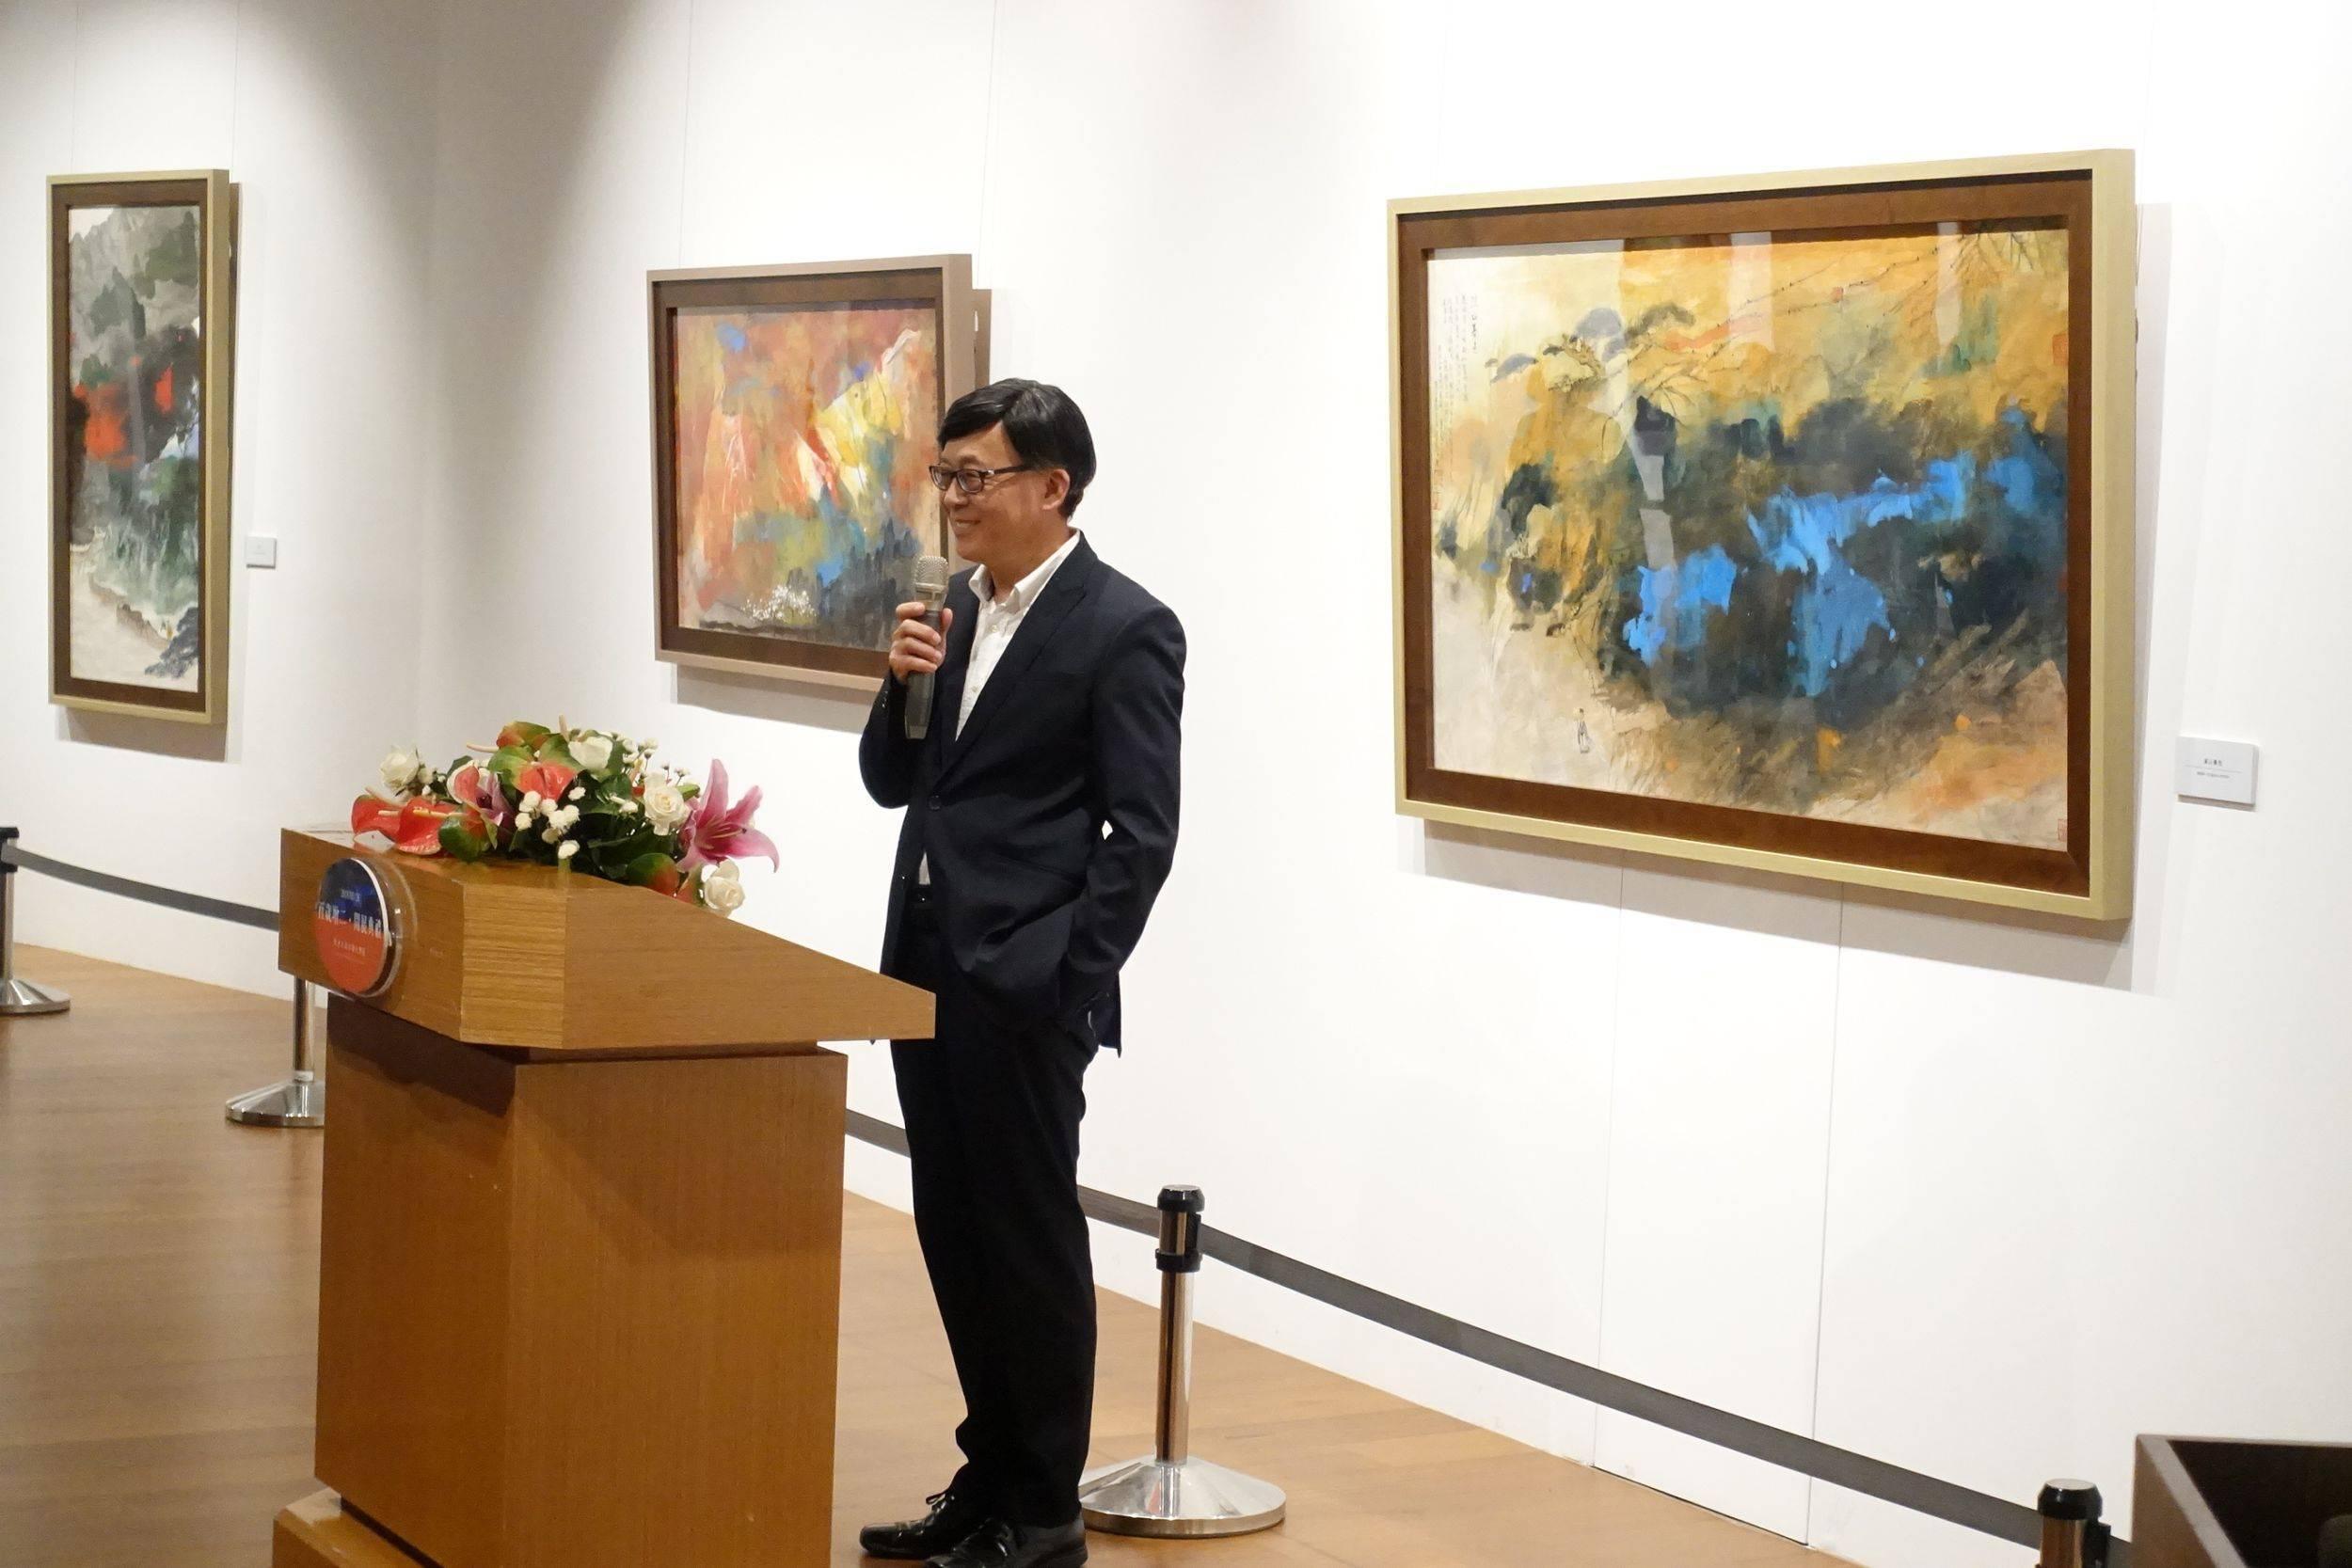 策展顧問張譽騰先生致詞(前國立歷史博物館館長)。